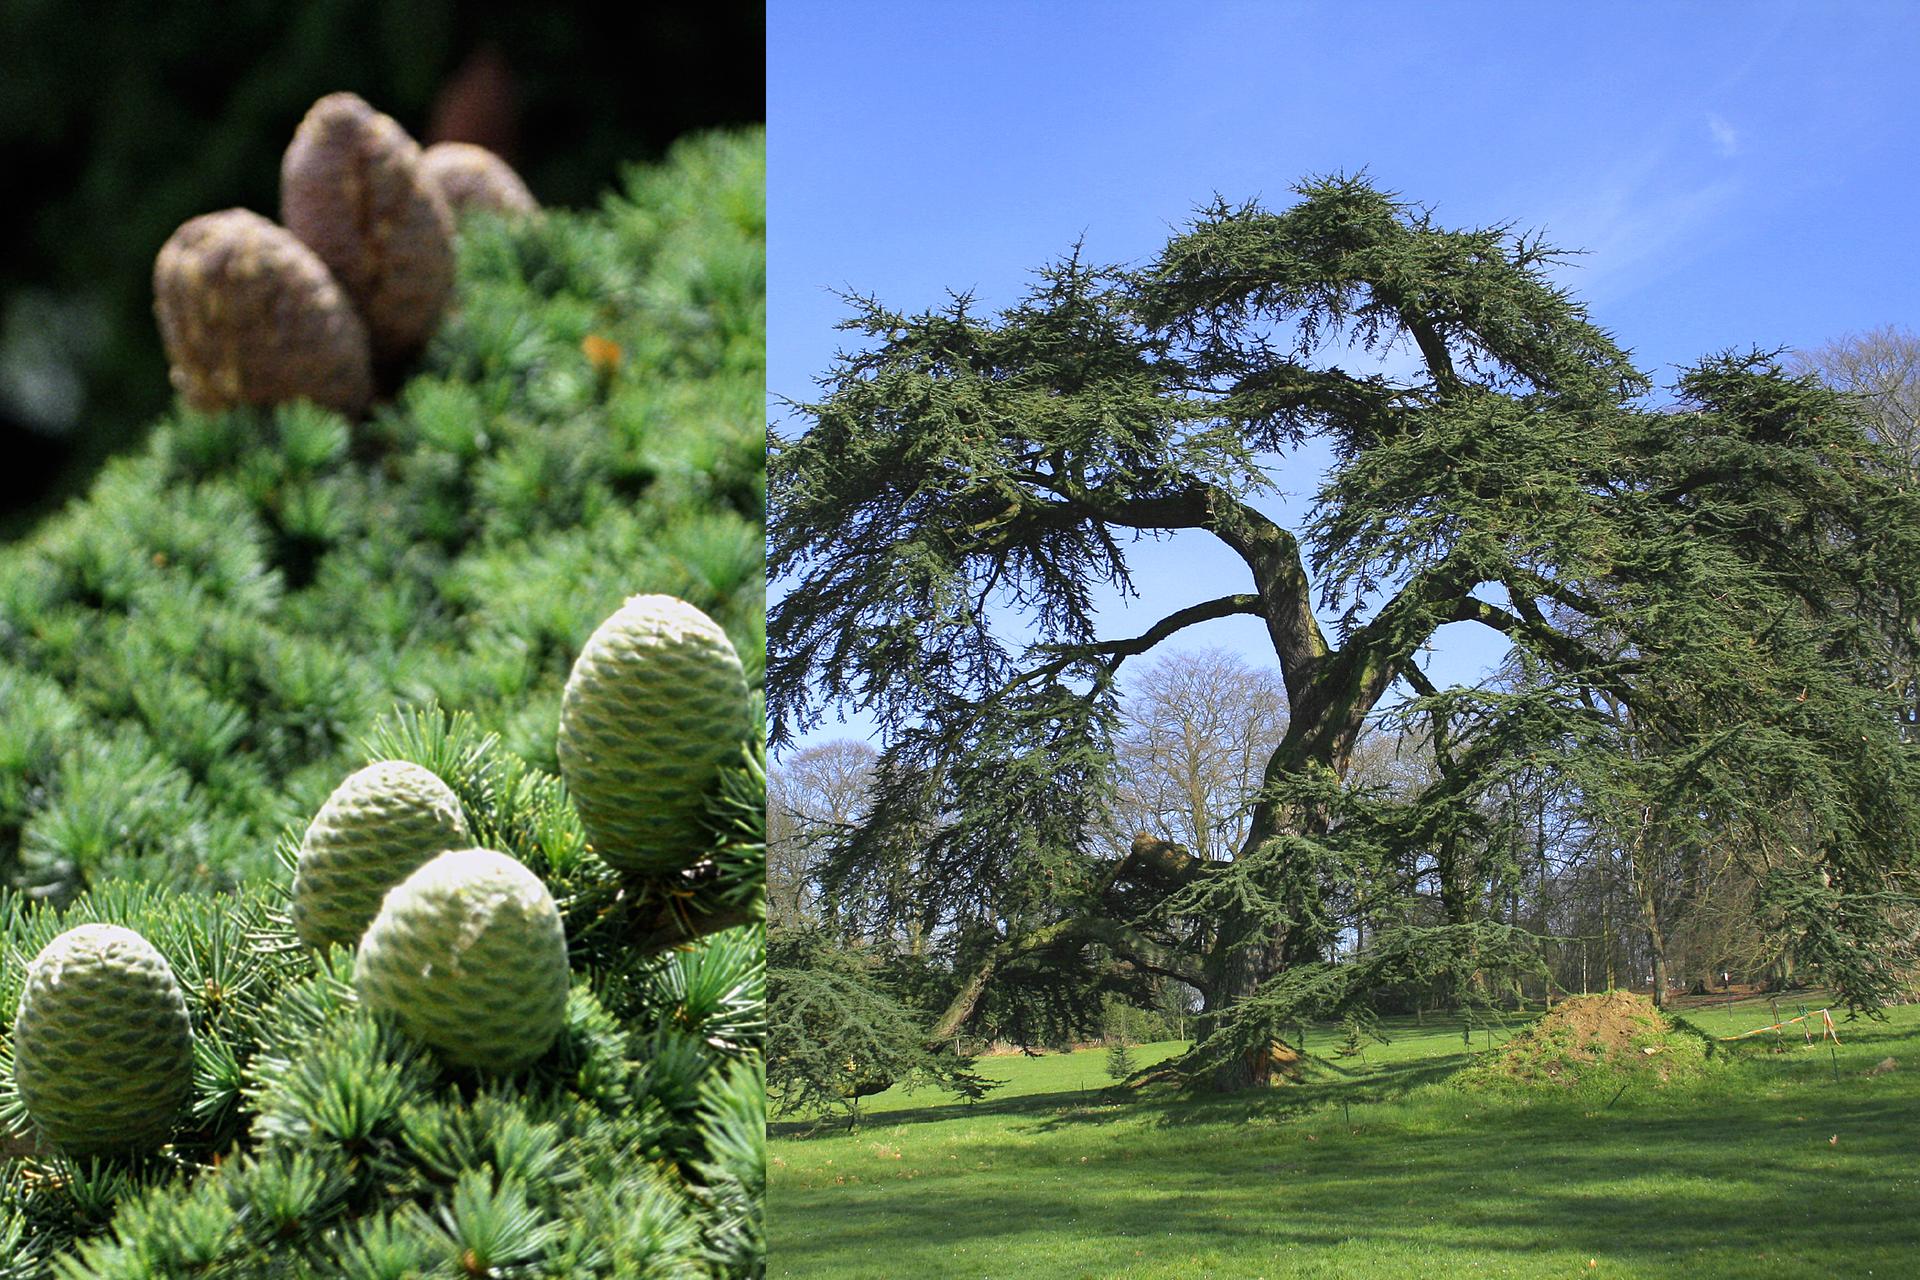 Fotografia zlewej przedstawia gałęzie cedru libańskiego zkrótkimi jasno zielonymi igłami wpęczkach. Między gęstymi liśćmi stoją beczułkowate szyszki: zprzodu szaro zielone, ztyłu brązowe. Fotografia zprawej przedstawia pojedyncze, rozłożyste drzewo na trawniku. Wtle inne drzewa.